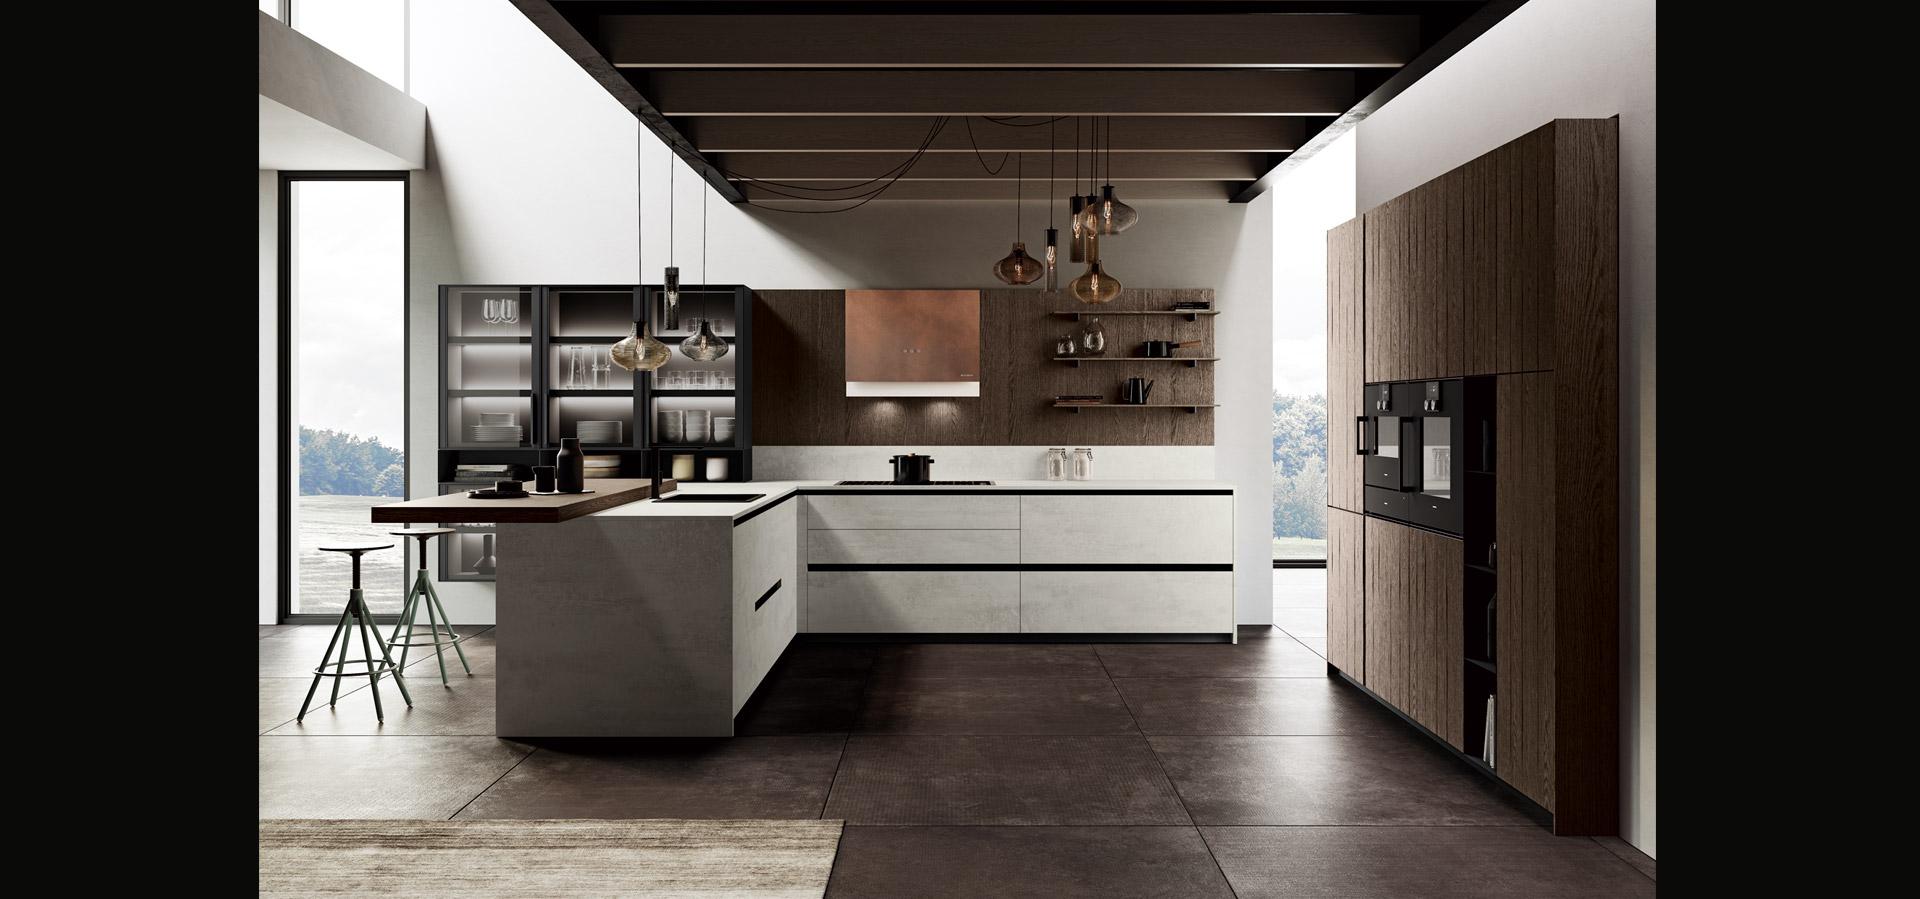 Cucina in bilaminato cemento | Ménta_05 | MITON Cucine